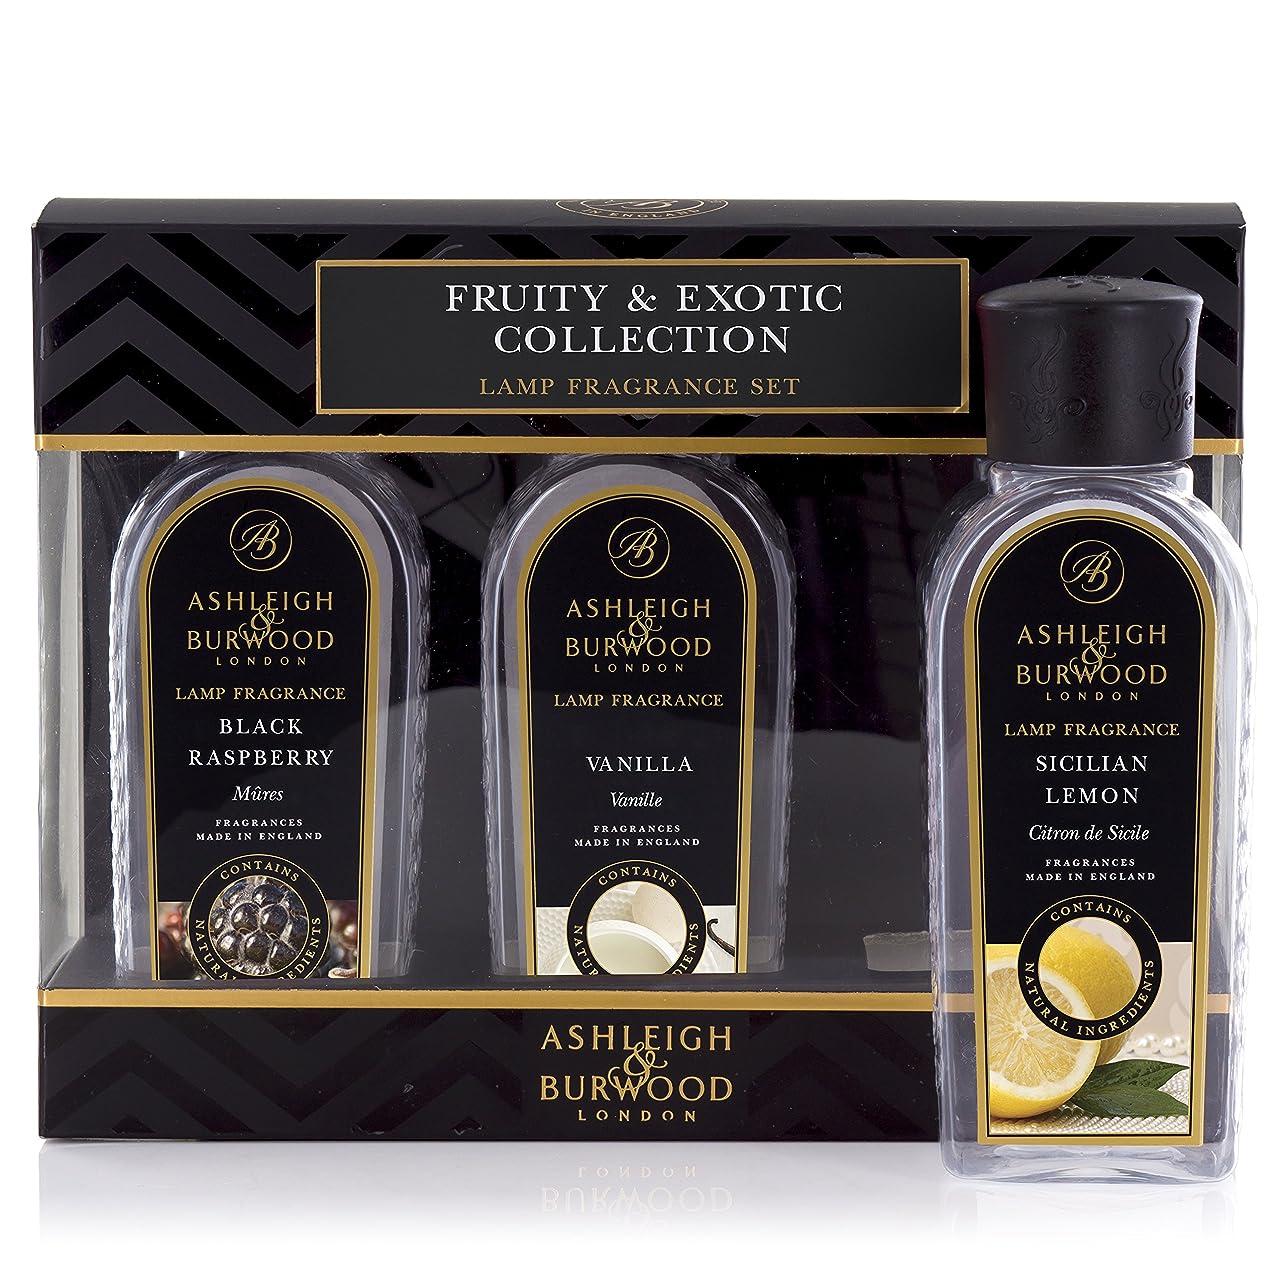 口述する肌寒いシャッフルAshleigh&Burwood ランプフレグランス フルーティー&エキゾチック3本セット Lamp Fragrances Fruity&Exotic アシュレイ&バーウッド